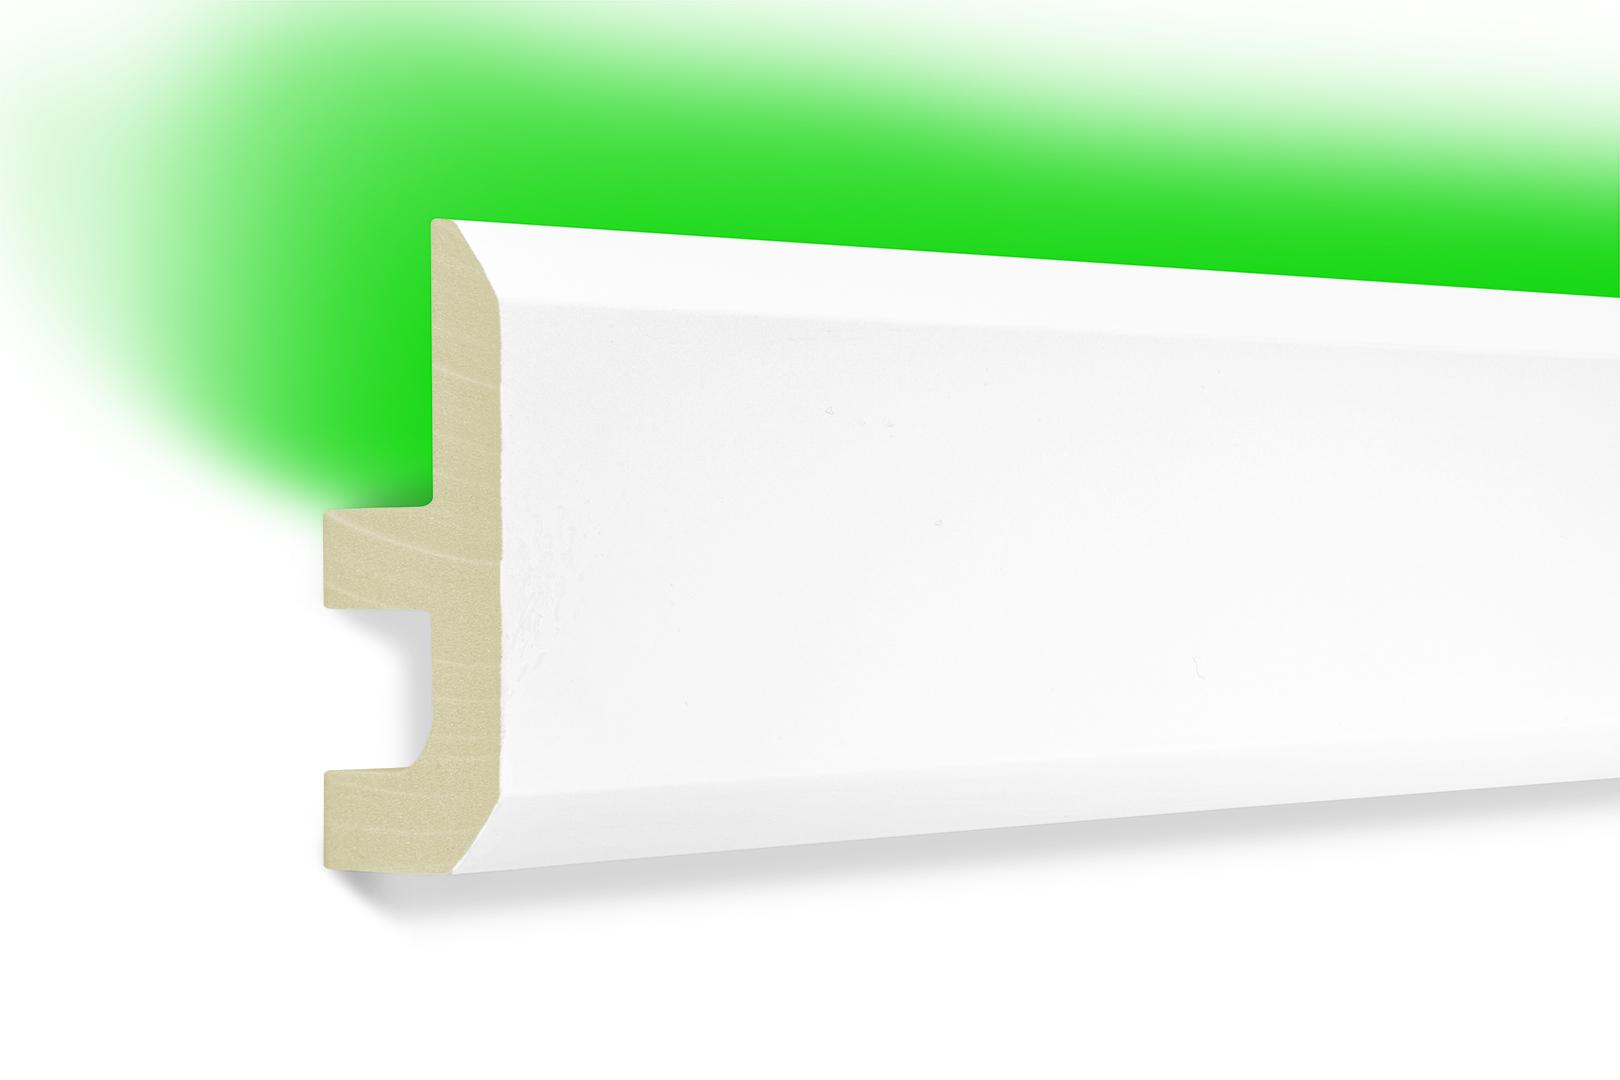 Led Profile Indirekte Beleuchtung Pu Stossfest Leiste 80x40mm Led 13 Hexim Webshop Innen Und Fassadendekoration